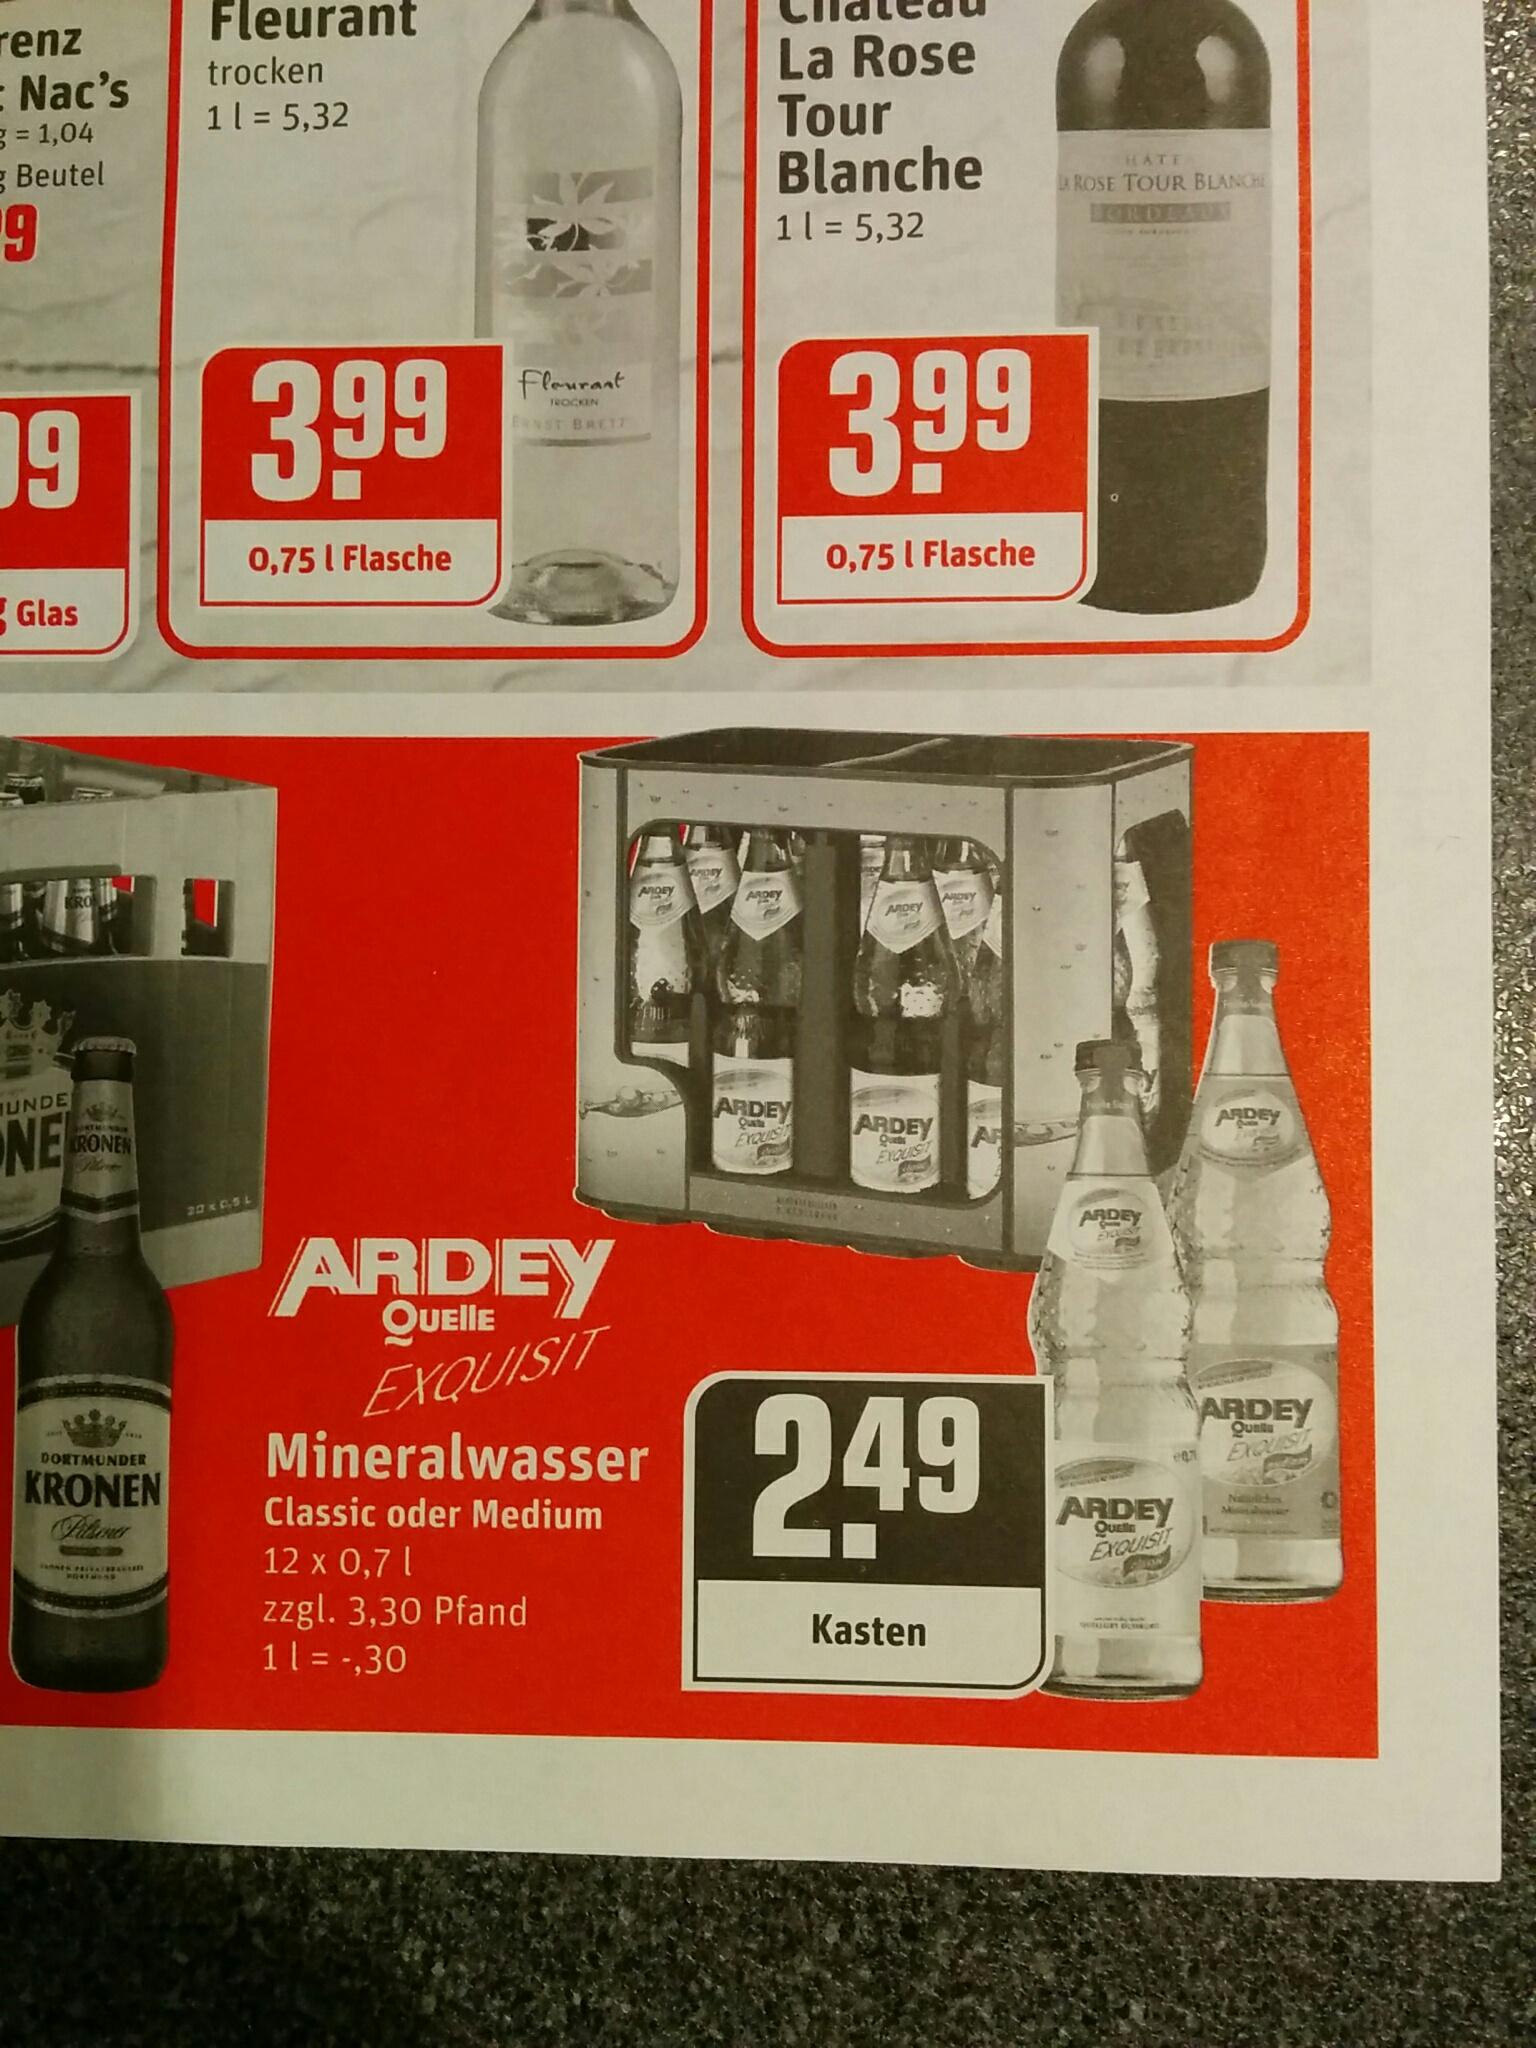 [LOKAL] ARDEY Quelle Mineralwasser bei REWE in Dortmund